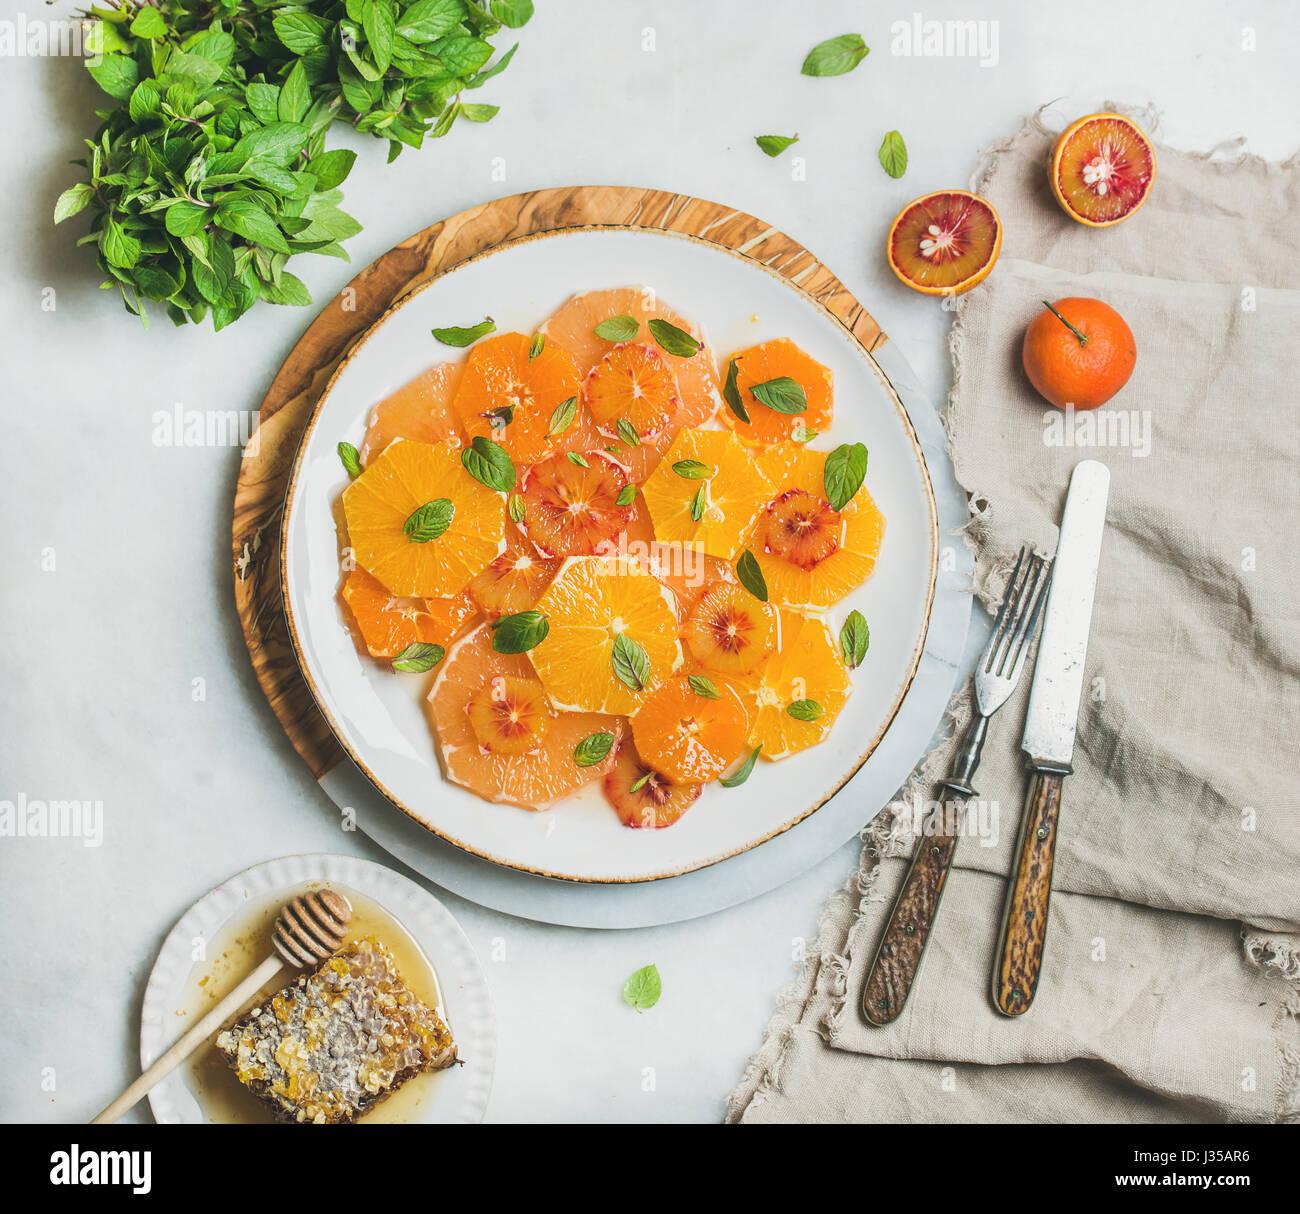 Mixte fraîche salade d'agrumes à la menthe et au miel Photo Stock